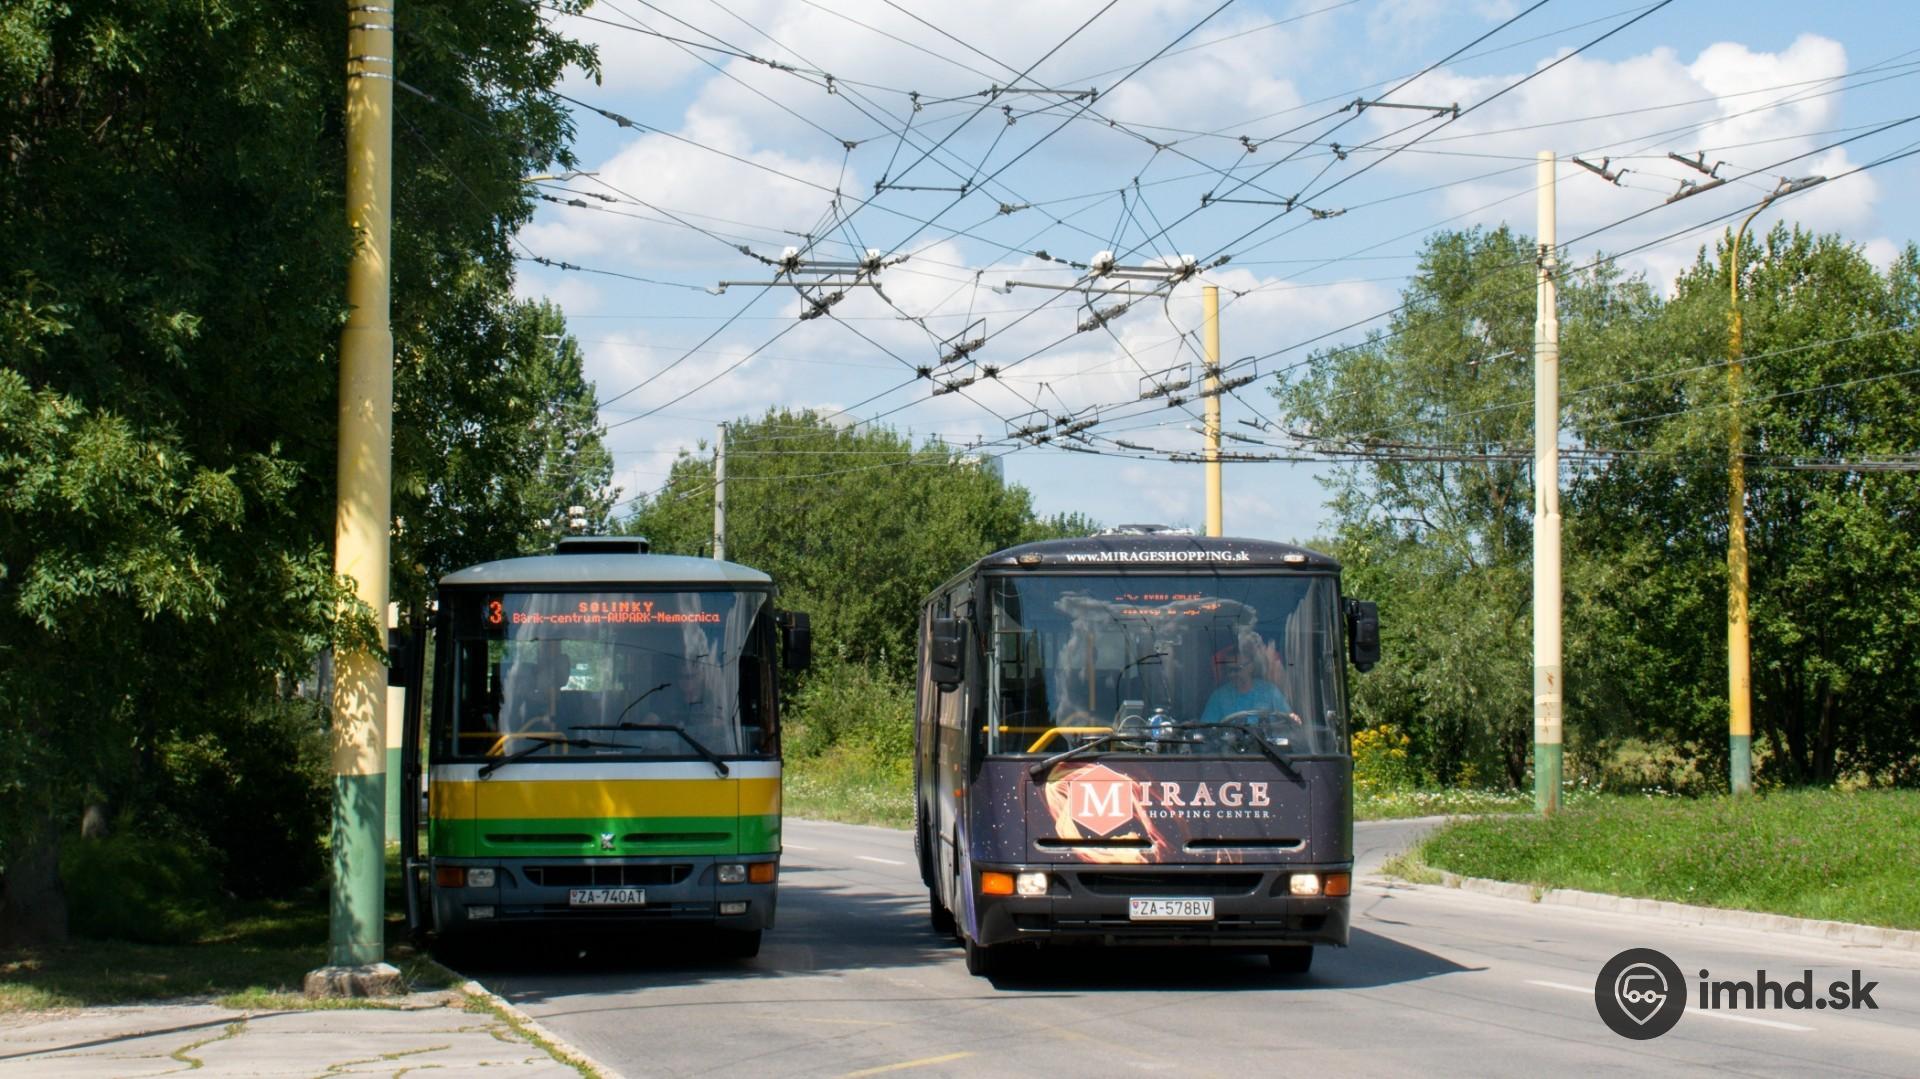 40, #ZA-578BV, route 3, MirageBus, Obvodová ul  • imhd sk Žilina